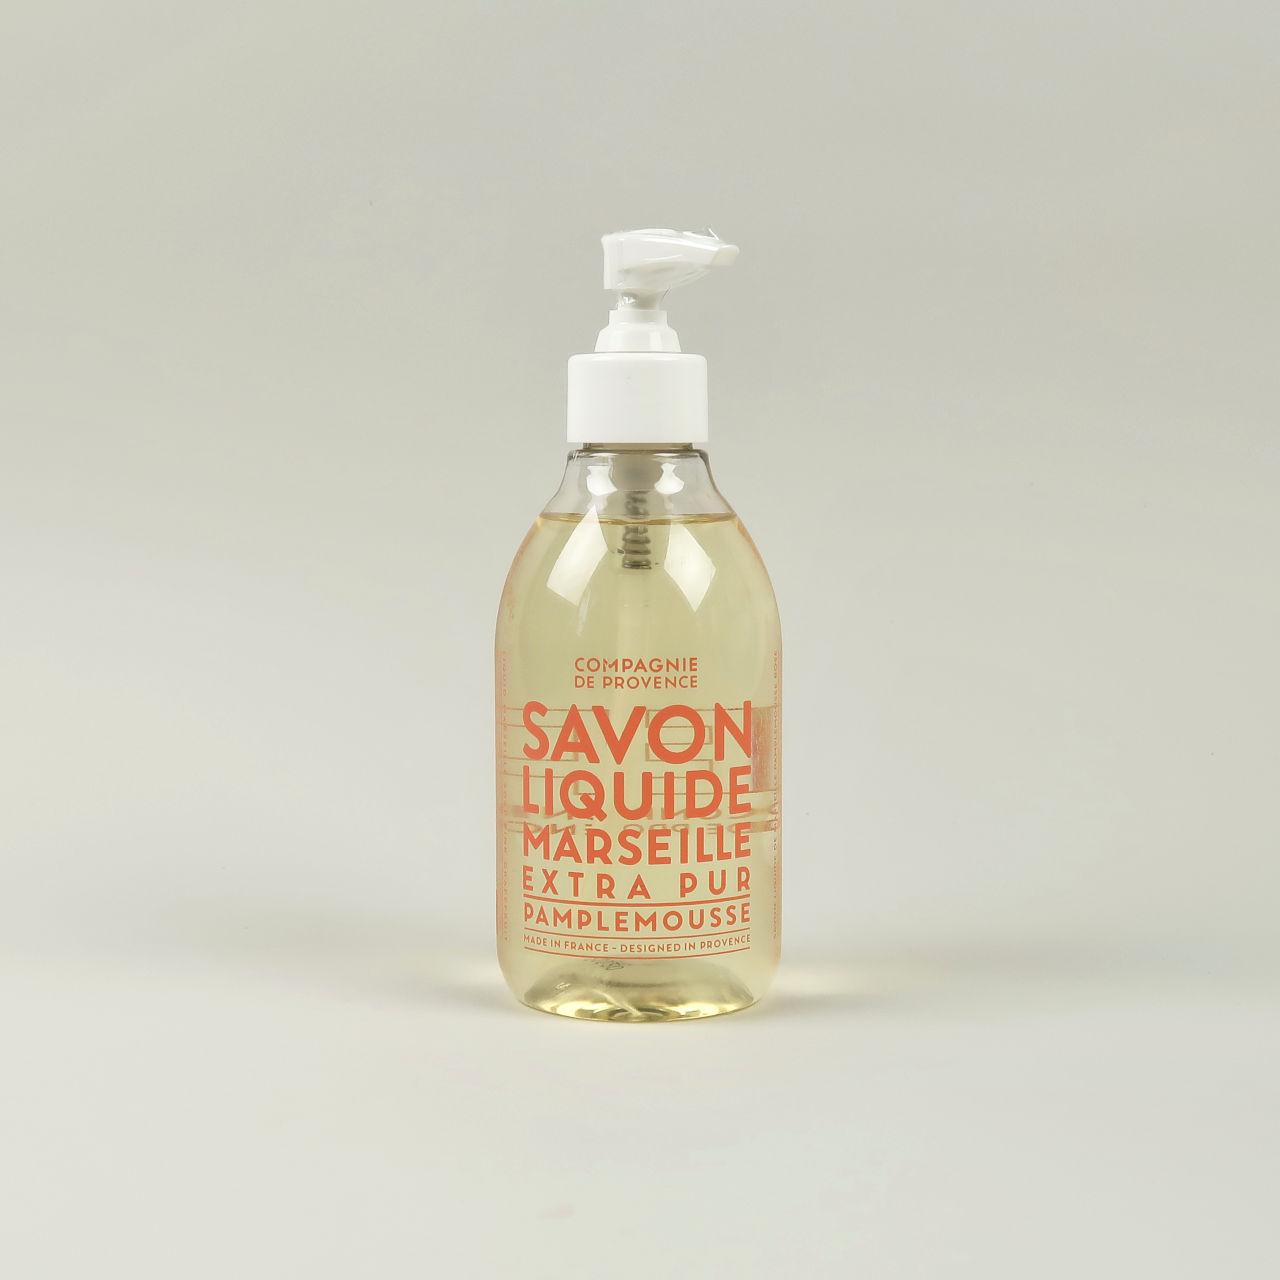 Savon Liquid Marseille - 300ml - Pamplemousse